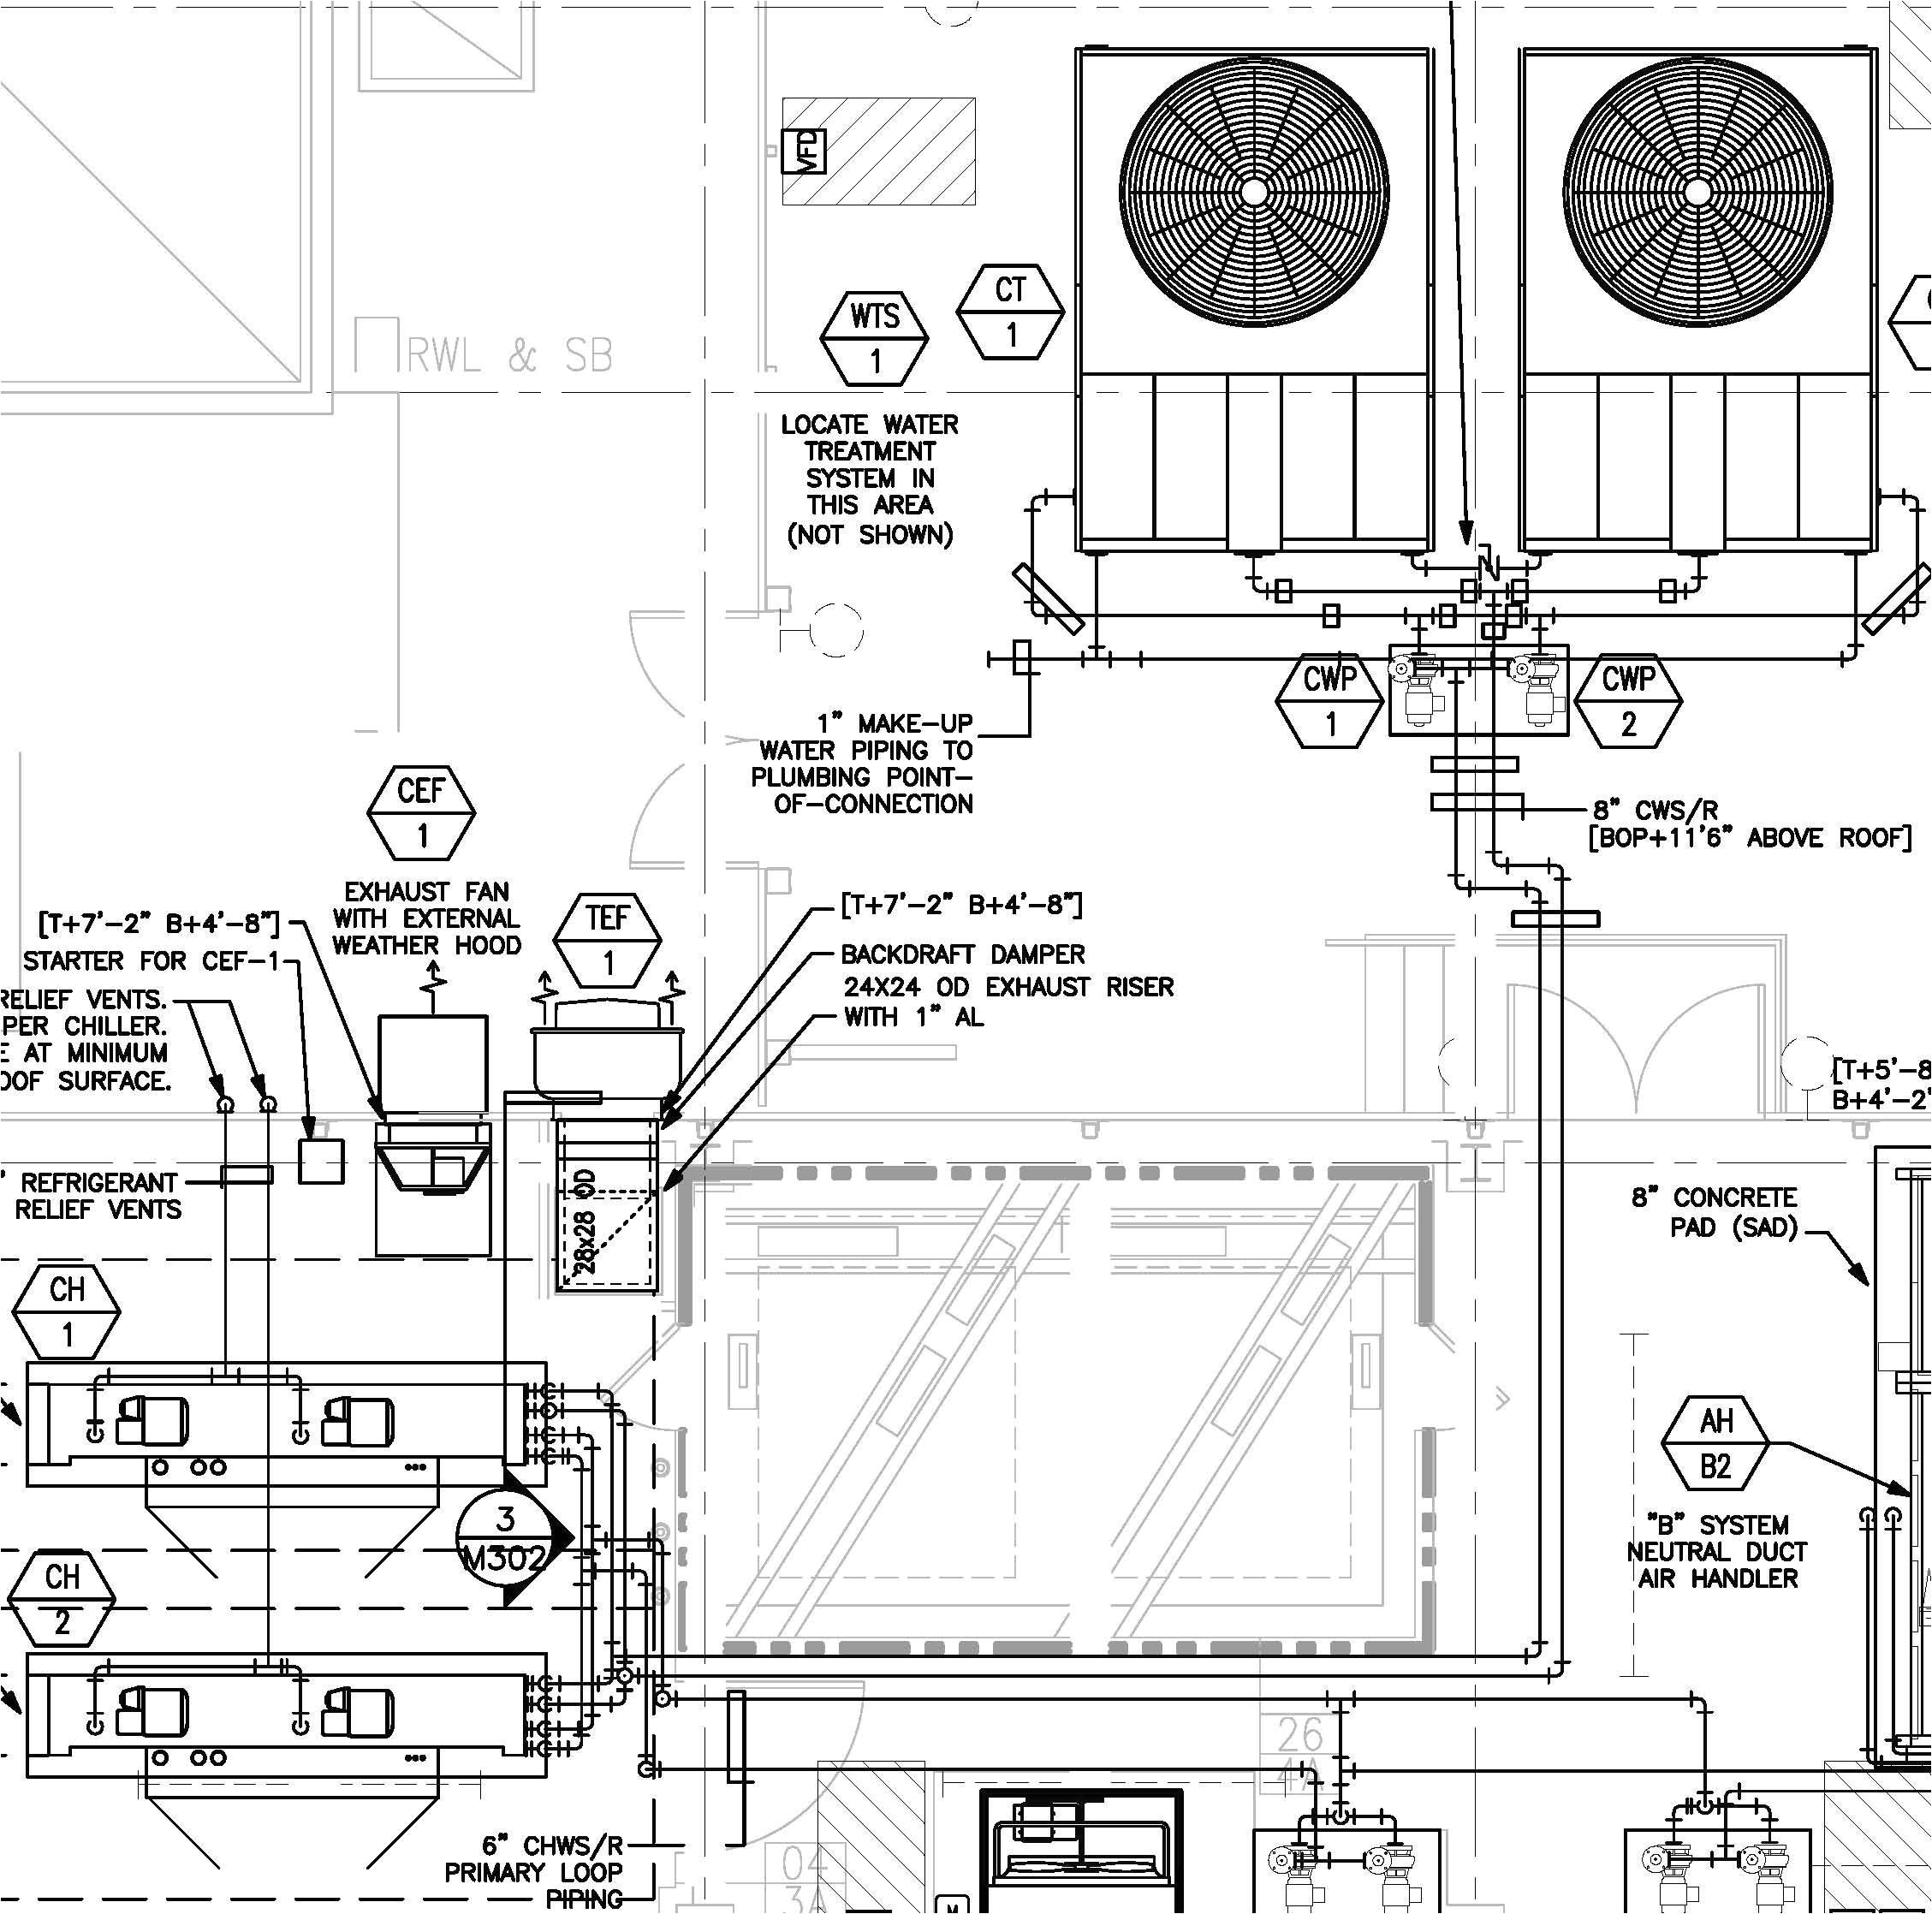 22r alternator wiring diagram unique alternator wiring diagram chevy 2018 plane power alternator voltage